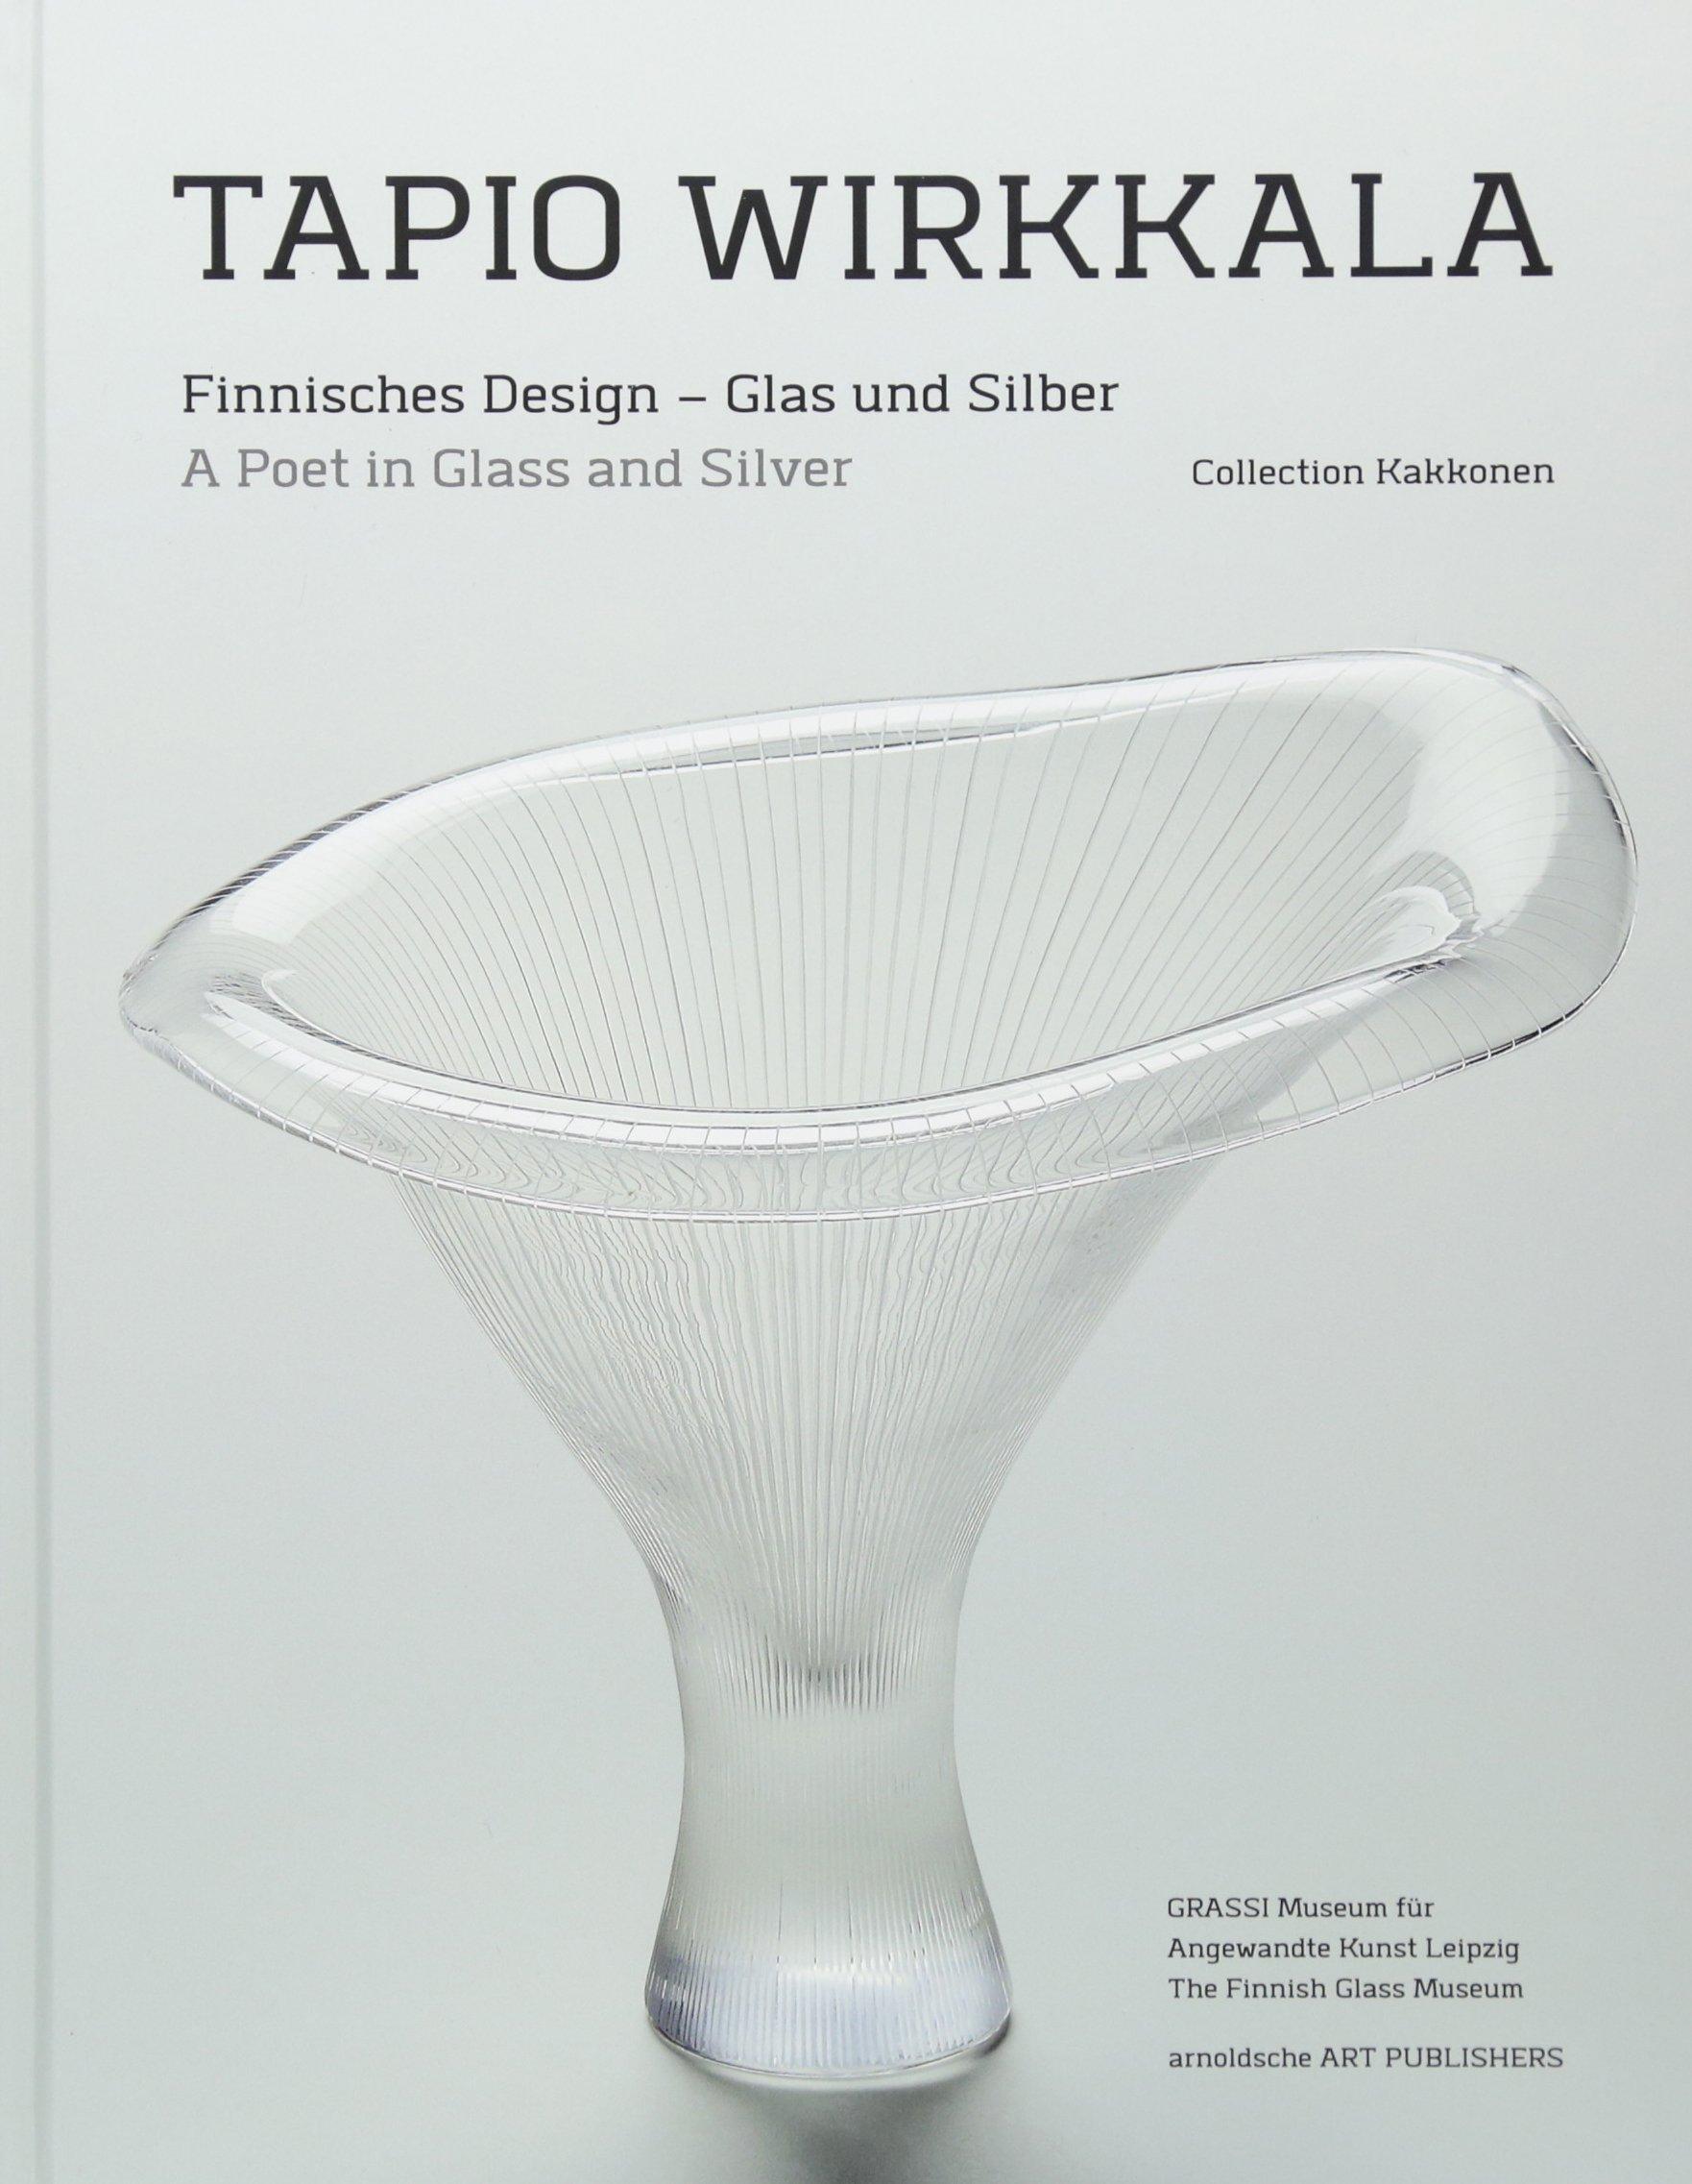 Tapio Wirkkala: Finnisches Design – Glas und Silber / A Poet in Glass and Silver (Collection Kakkonen)